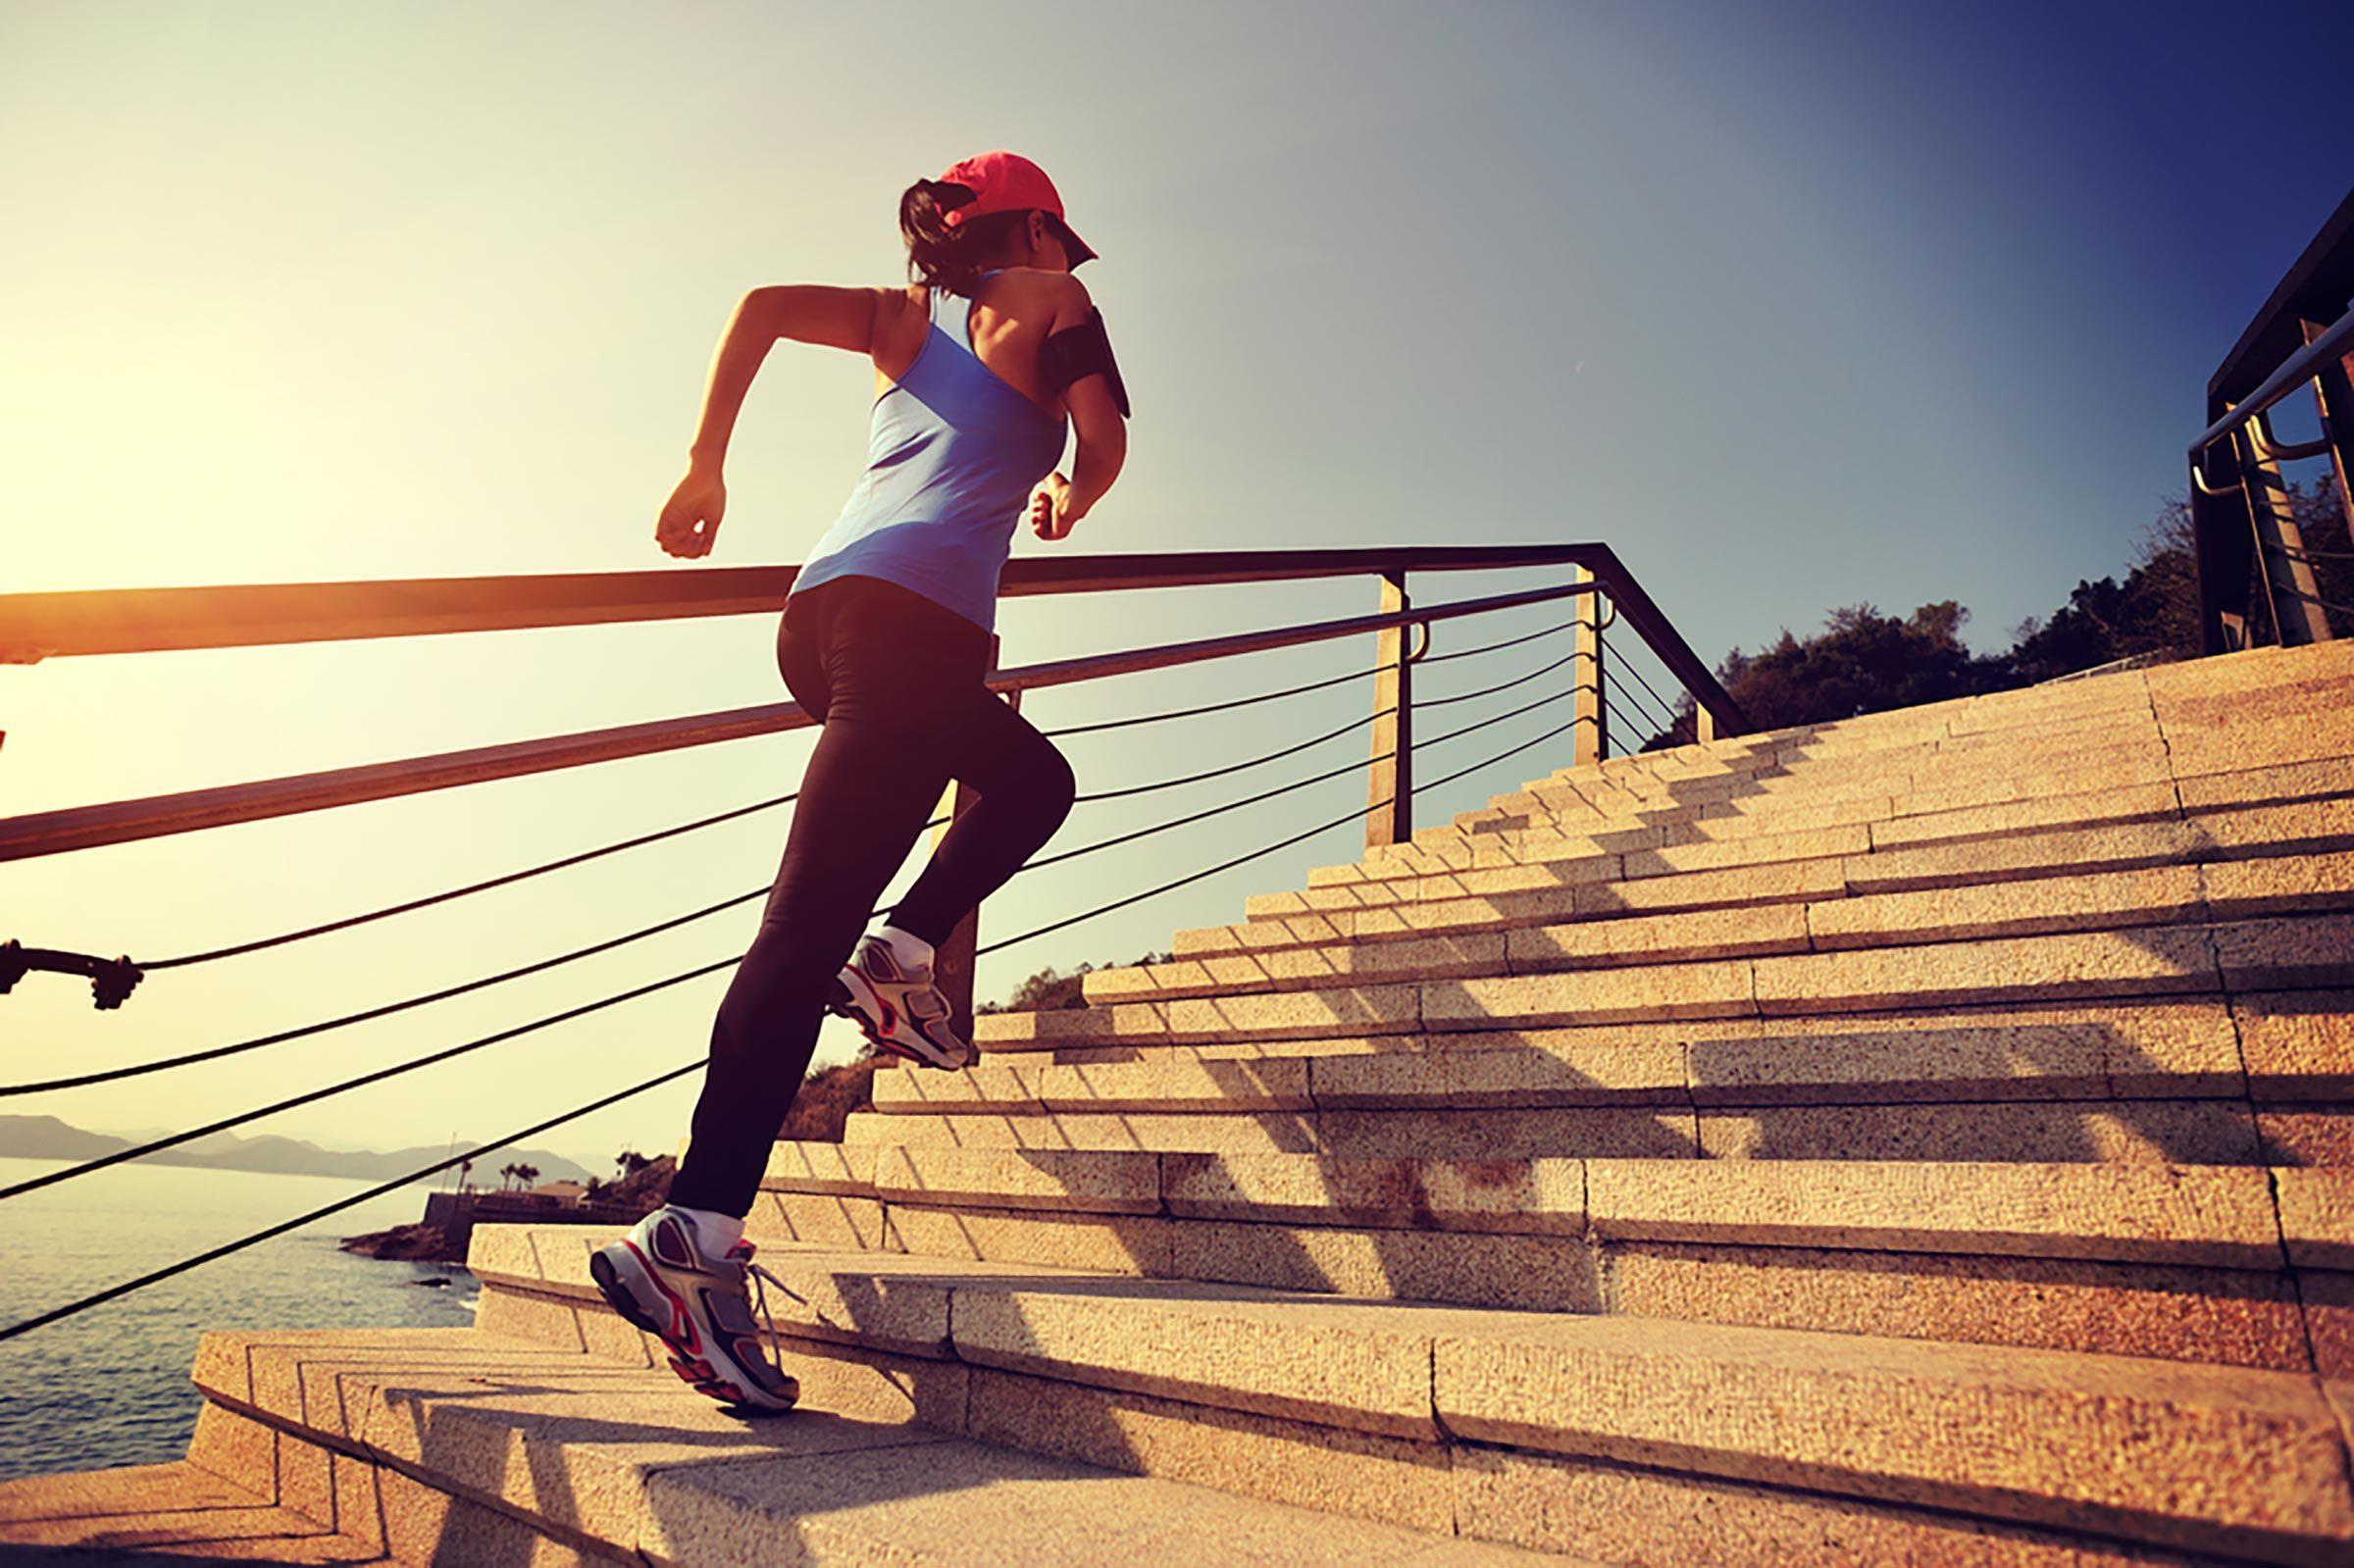 Conseil santé : donner son 100 % tout le temps